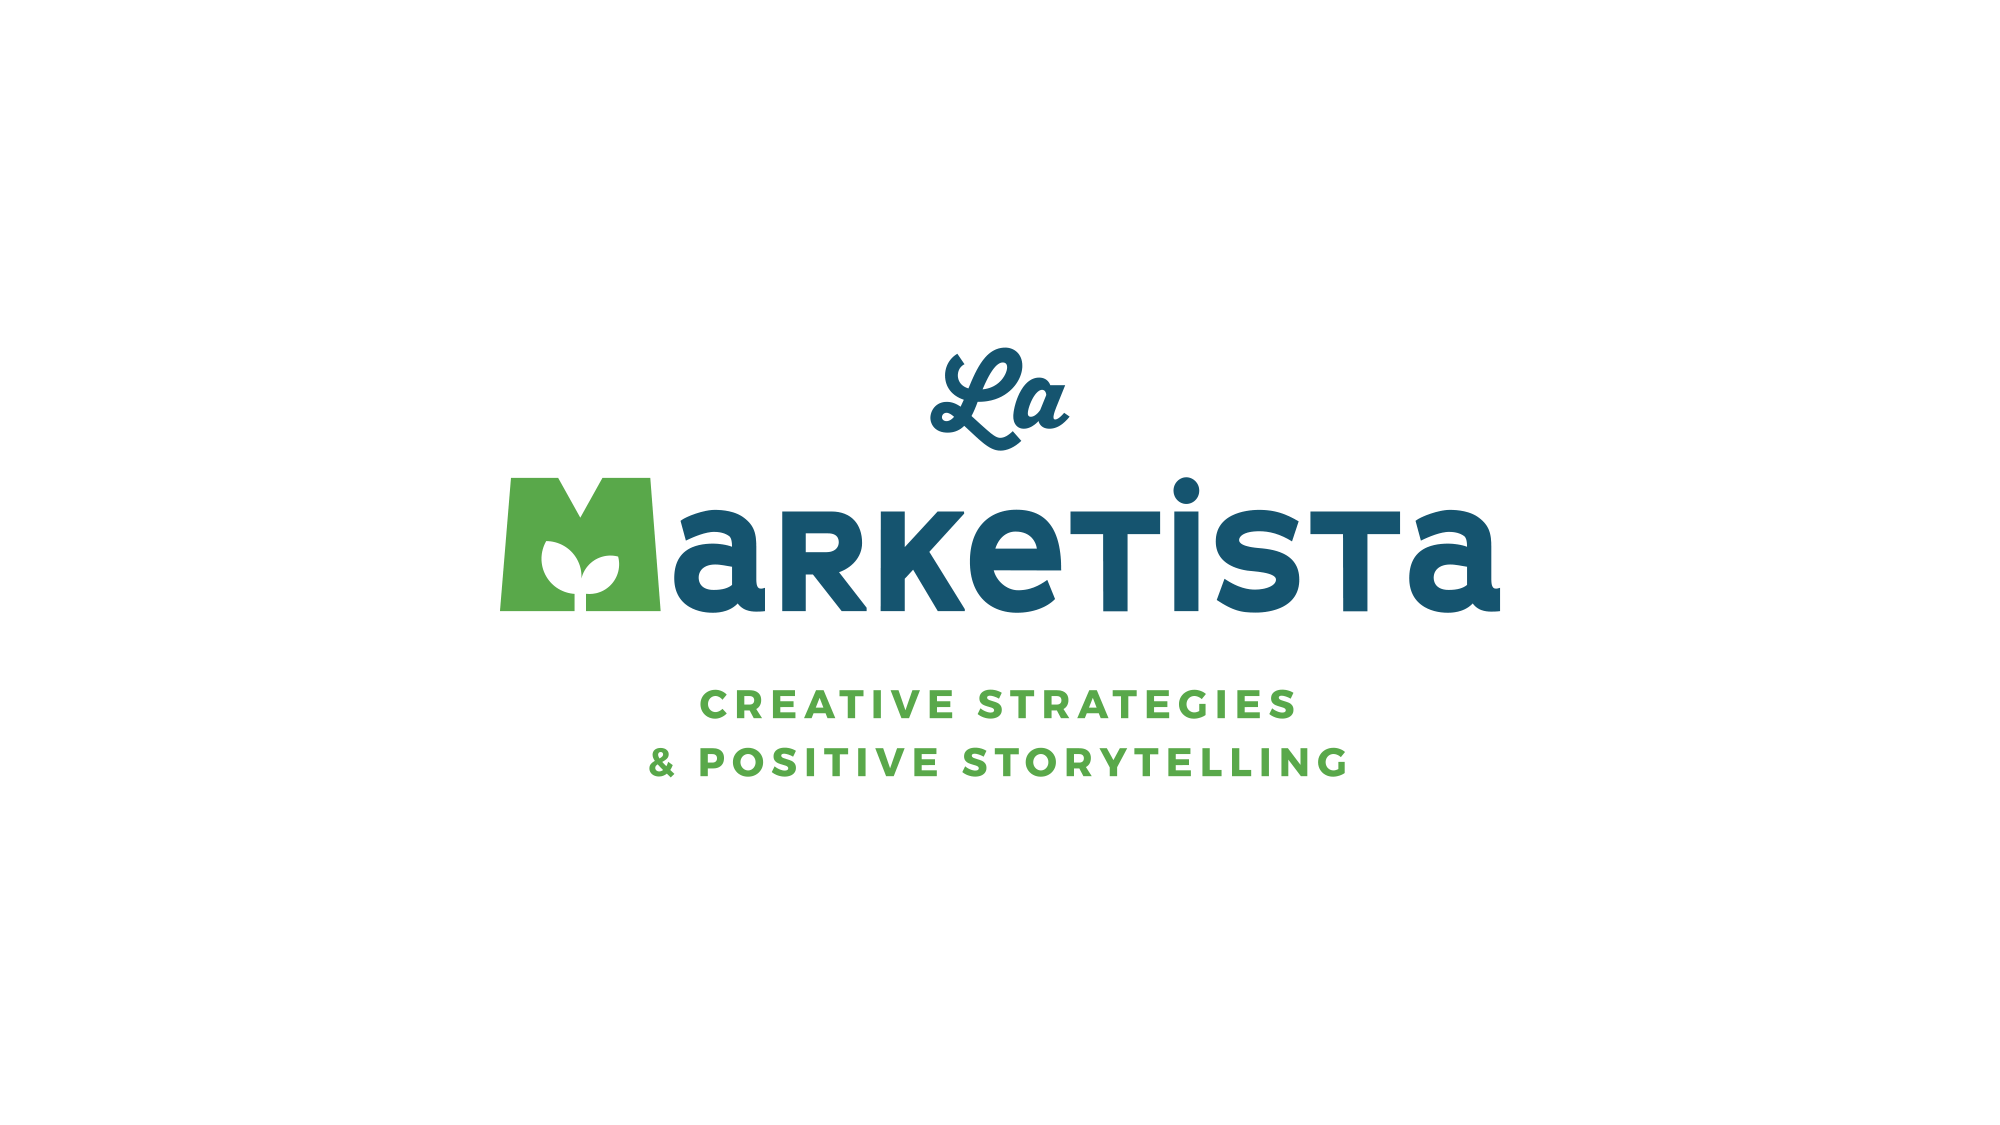 La Marketista logo